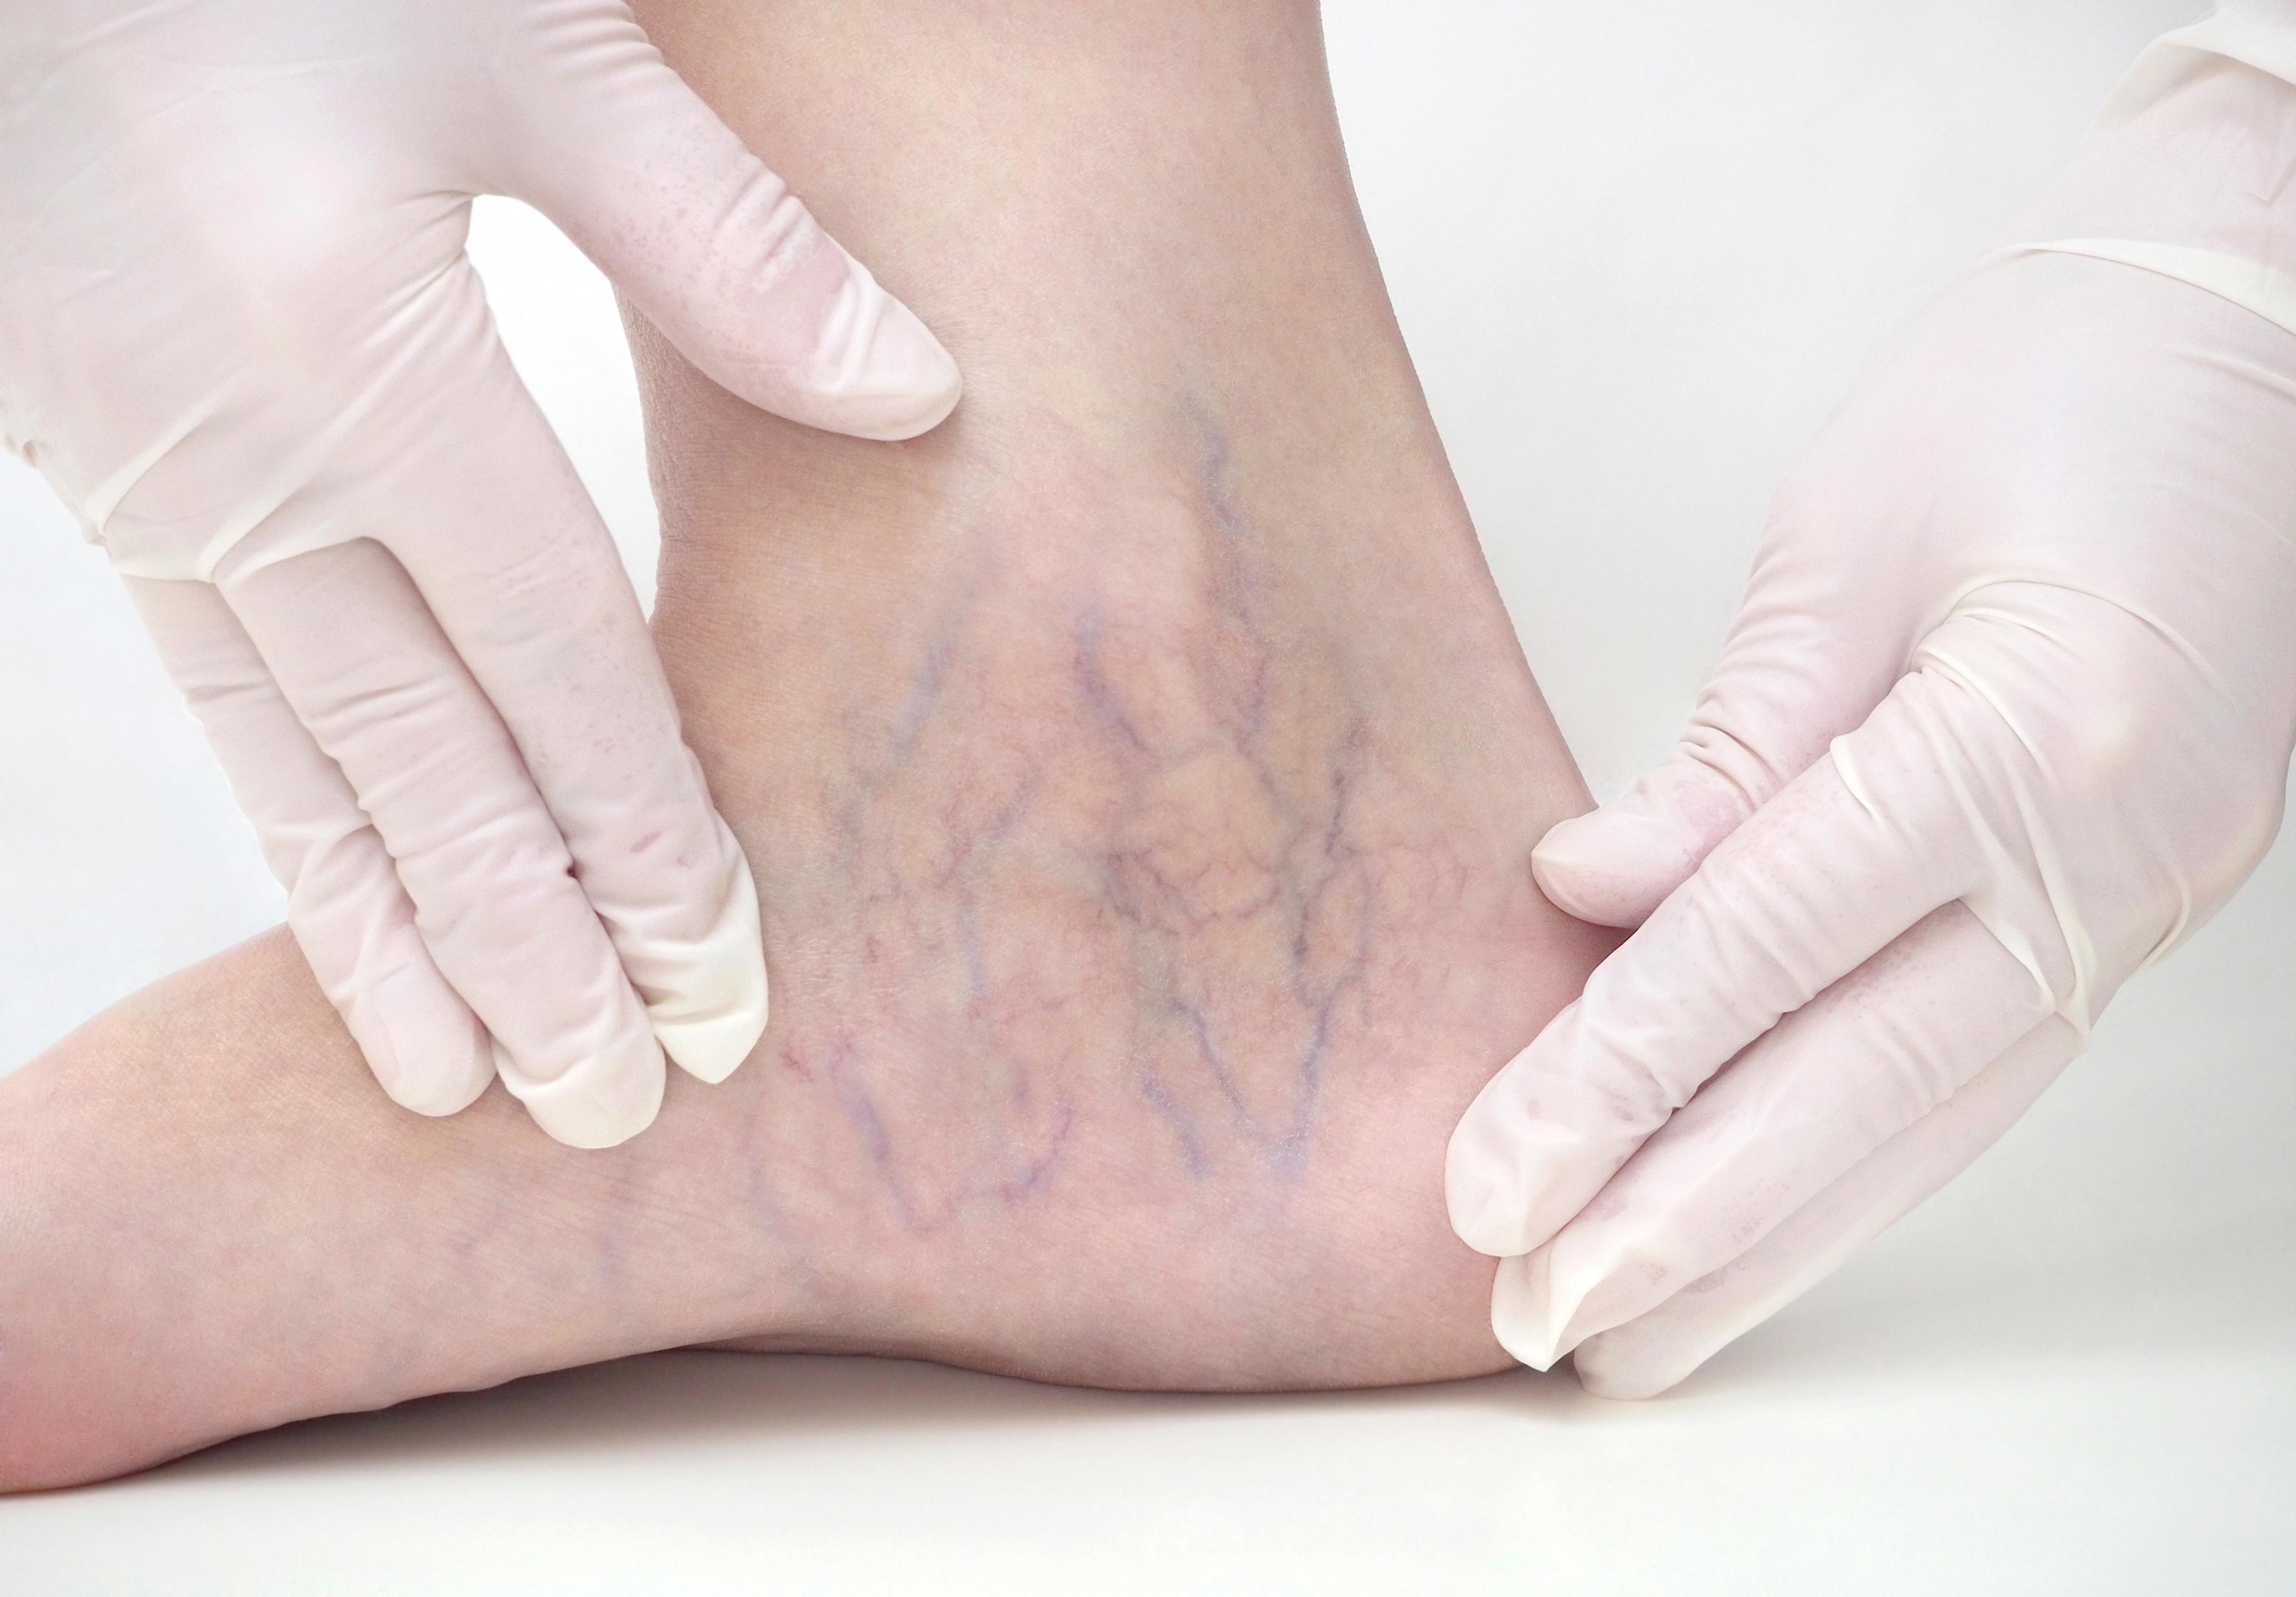 foot vein